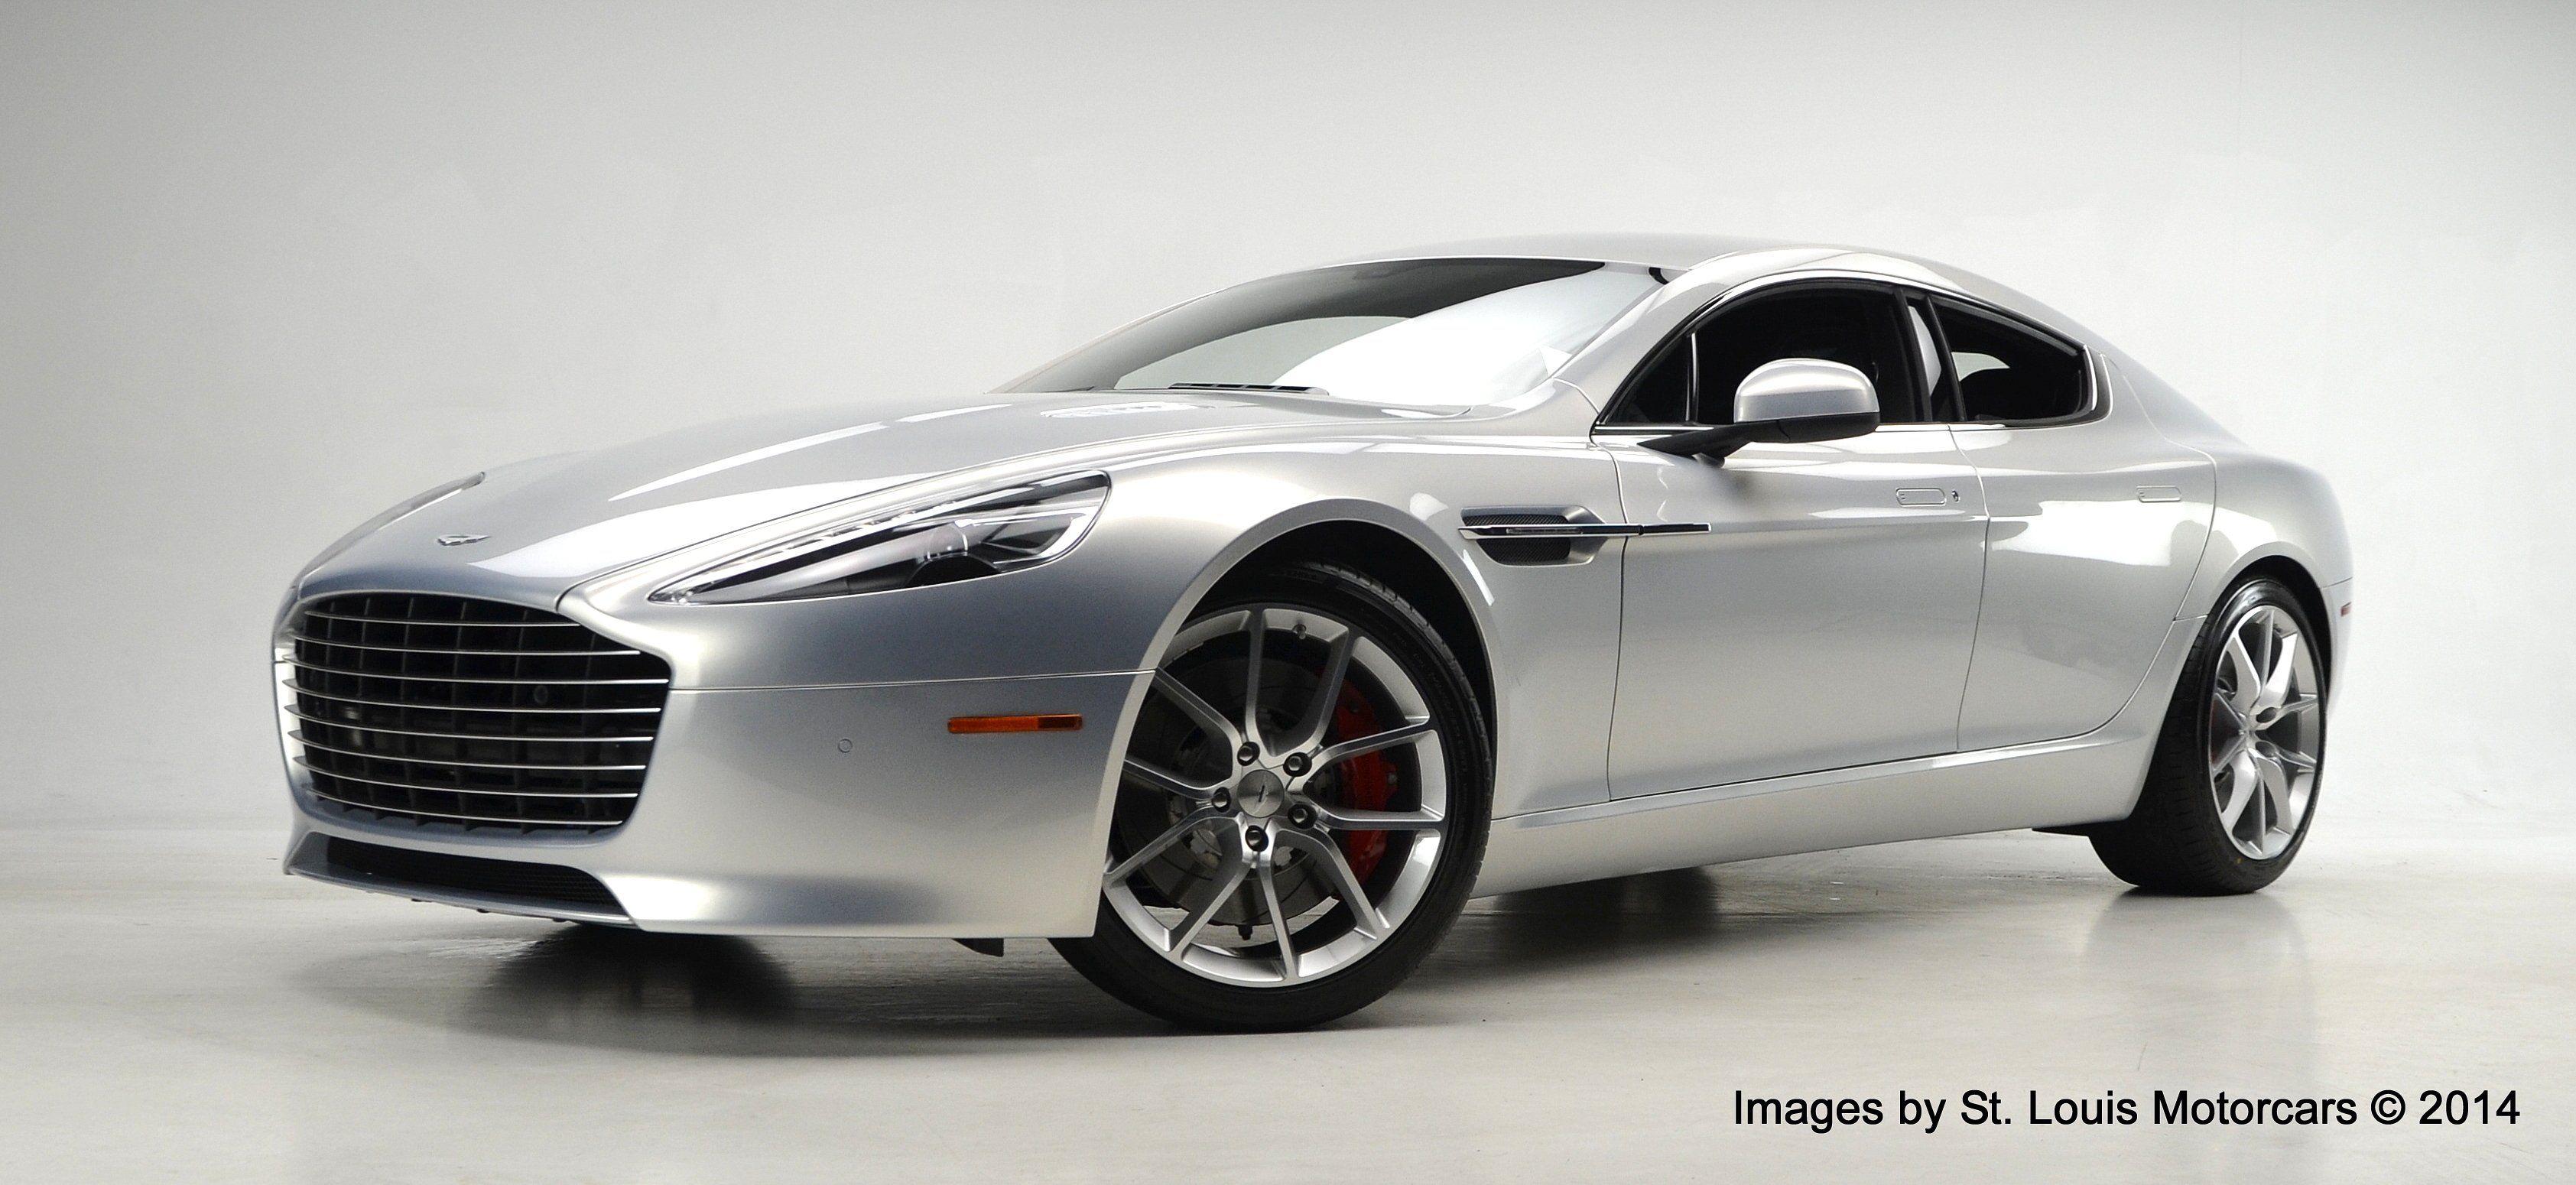 2014 Aston Martin Rapide S Lightningsilver Stlmotorcars Forsale Luxury Autos